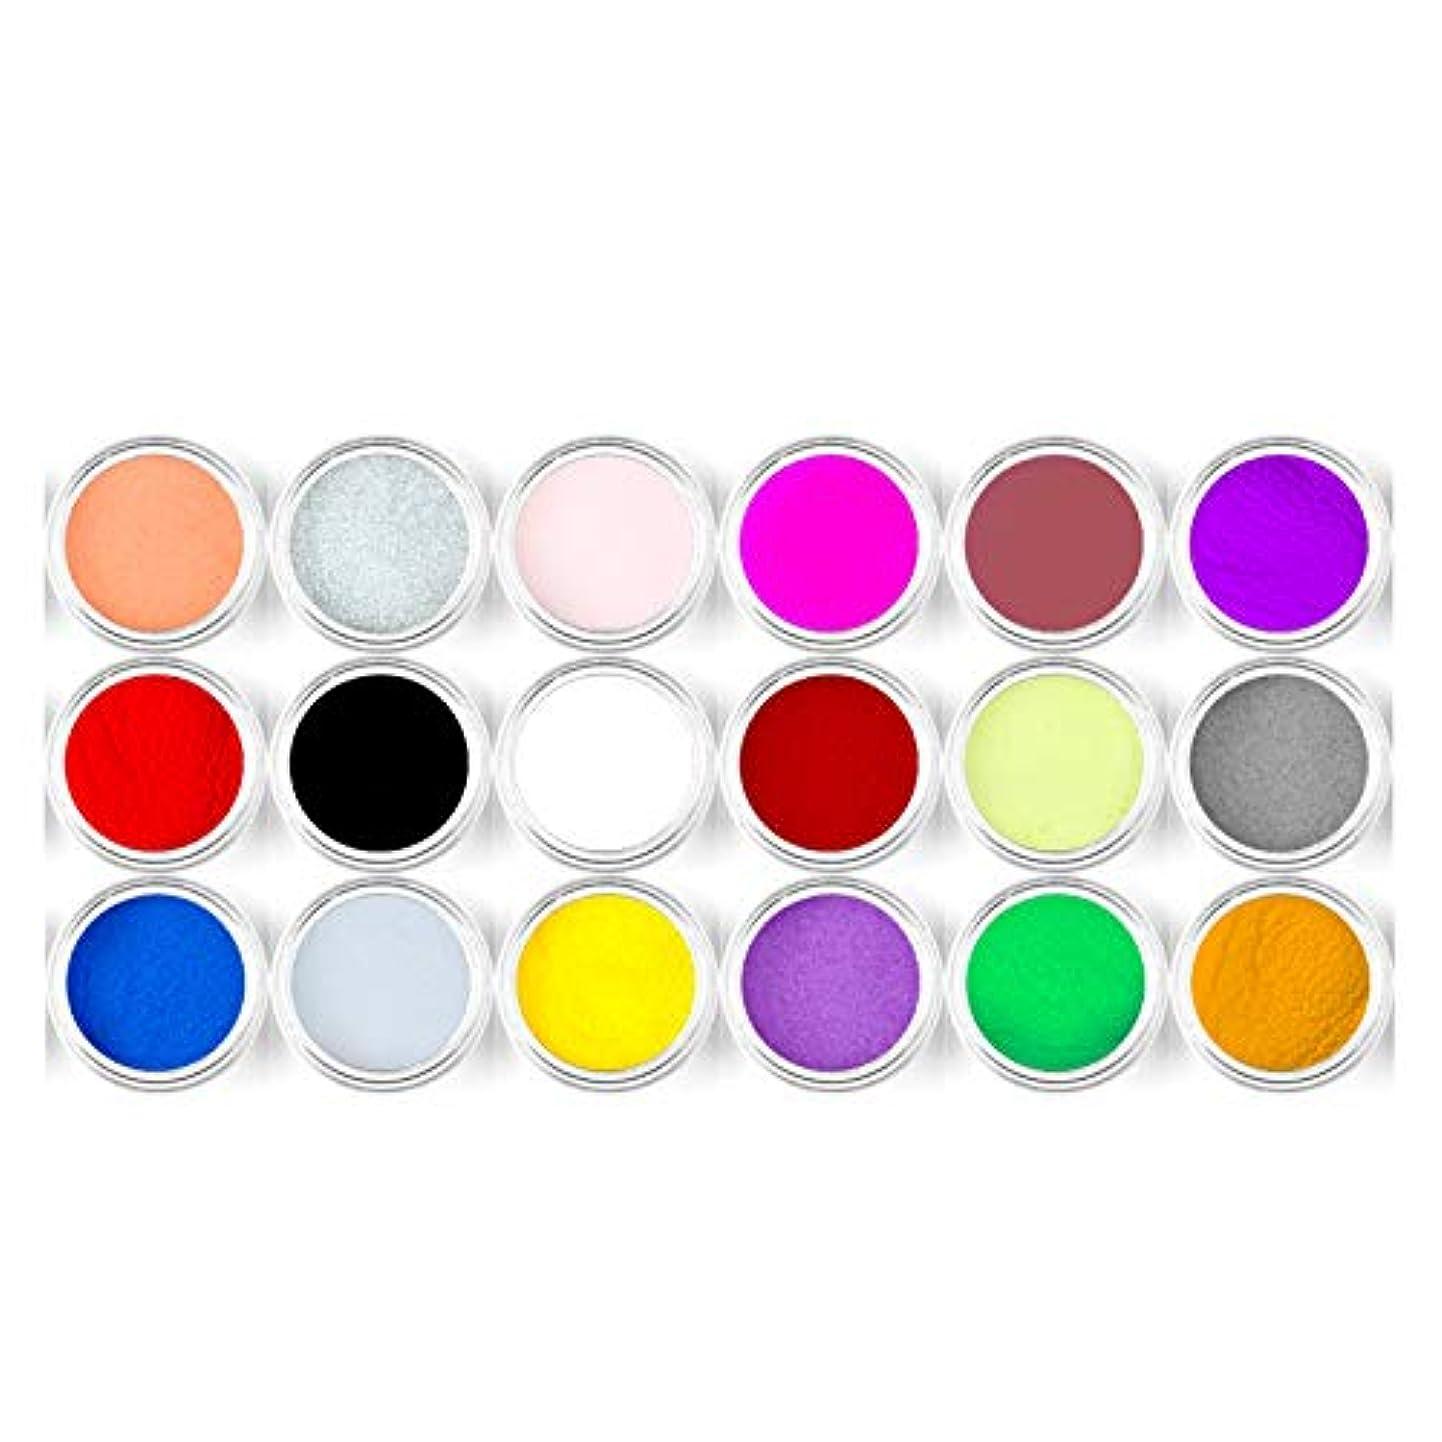 頂点涙タイムリーな18色アクリルパウダーネイルアート用ネイルアートパウダースパークルダストアクリルUVパウダーダストカービング彫刻顔料